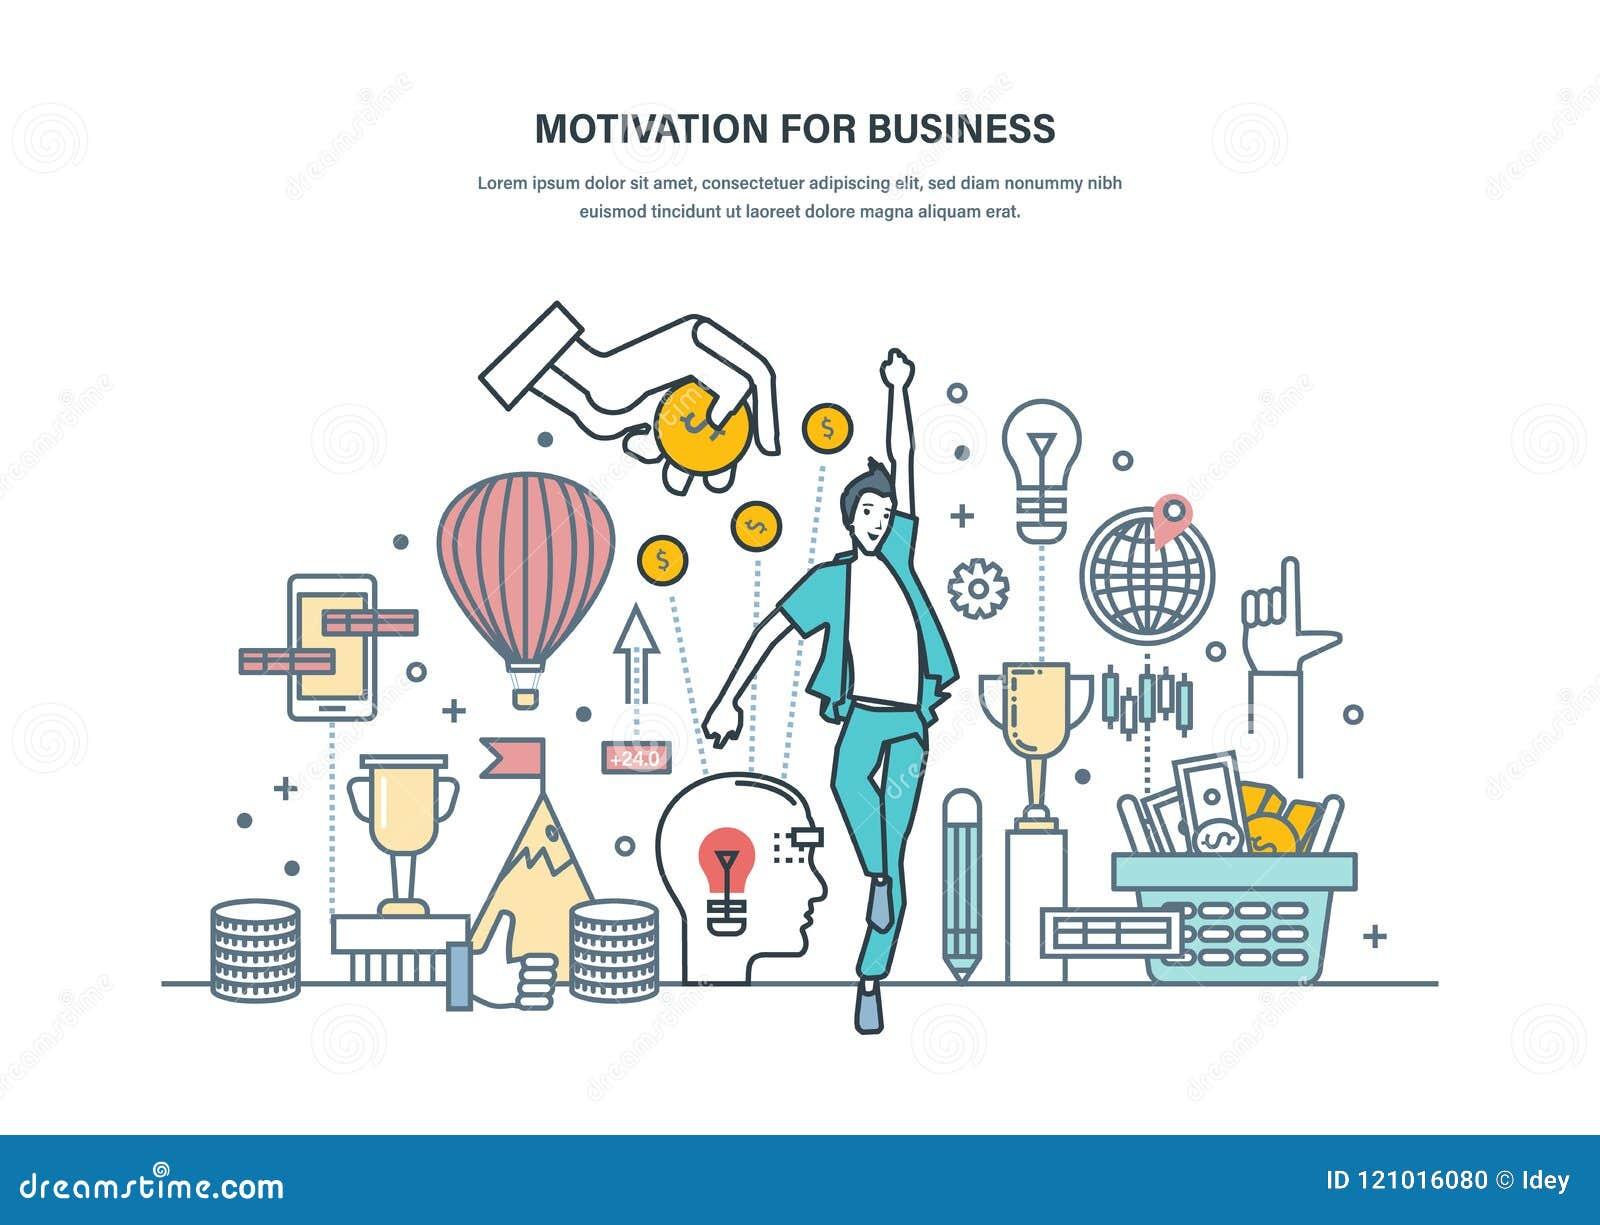 Κίνητρο για την επιχείρηση Επίτευγμα των υψηλών στόχων, μόνος-βελτίωση, αύξηση σταδιοδρομίας